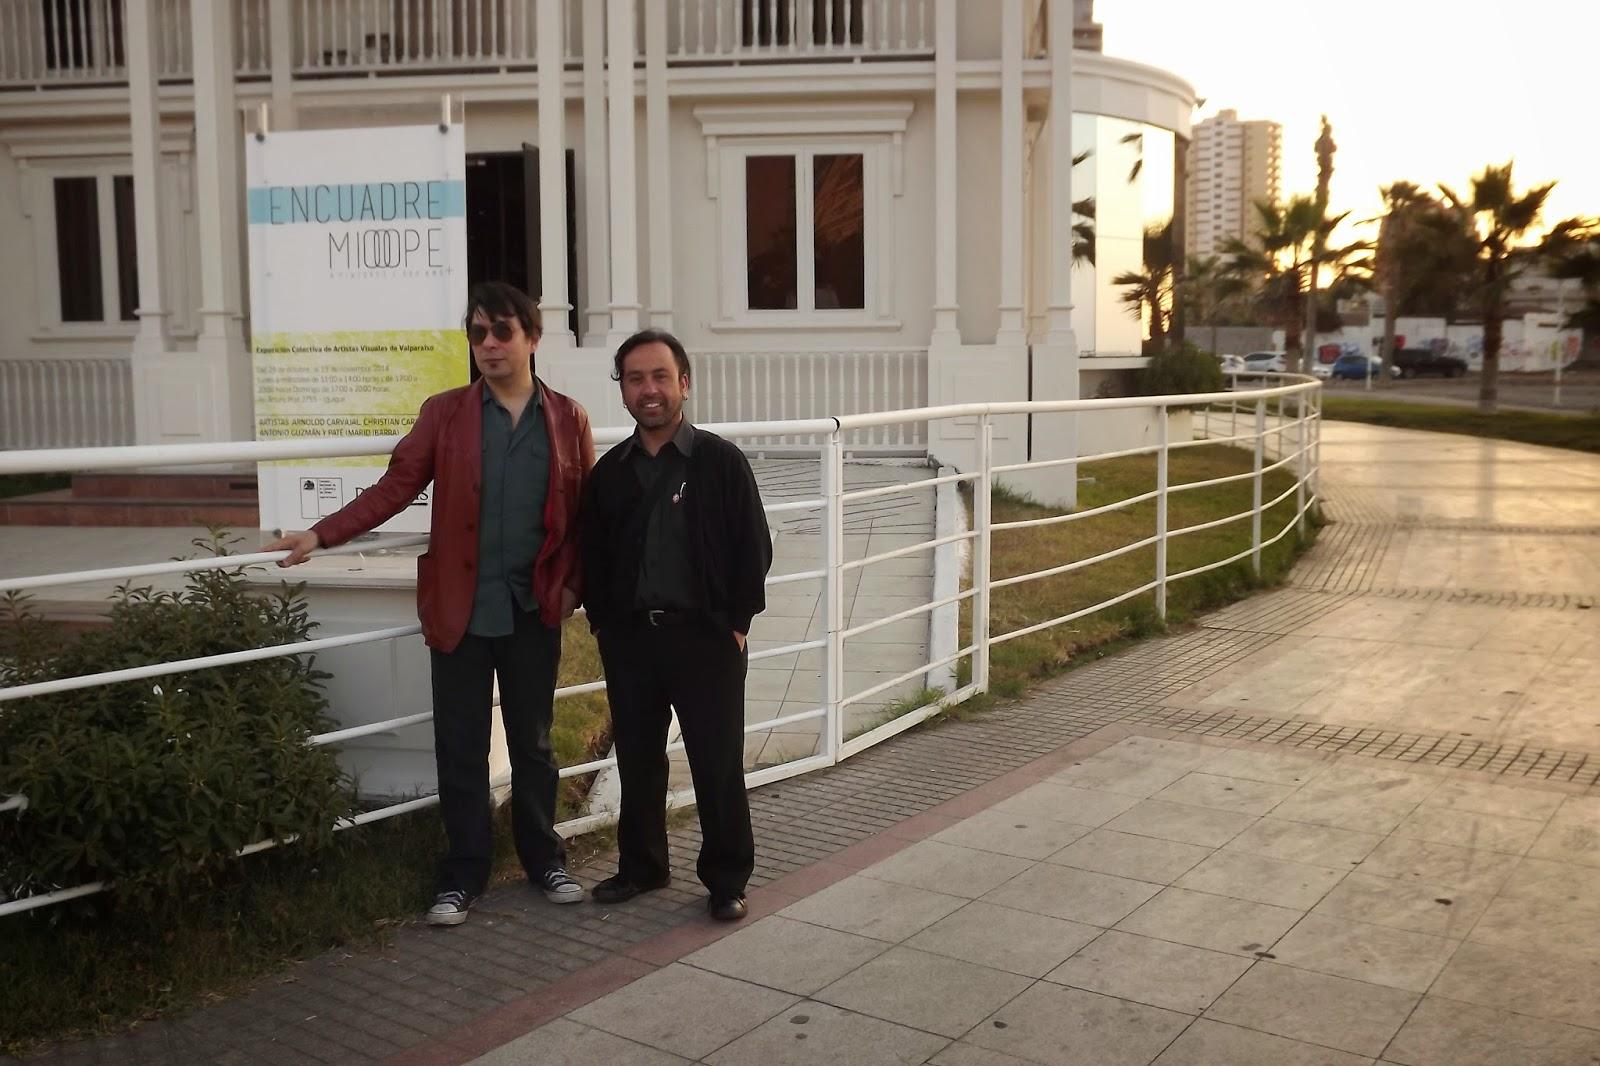 Christian Carrillo Caceres: ENCUADRE MIOPE Exposiciòn Colectiva en ...